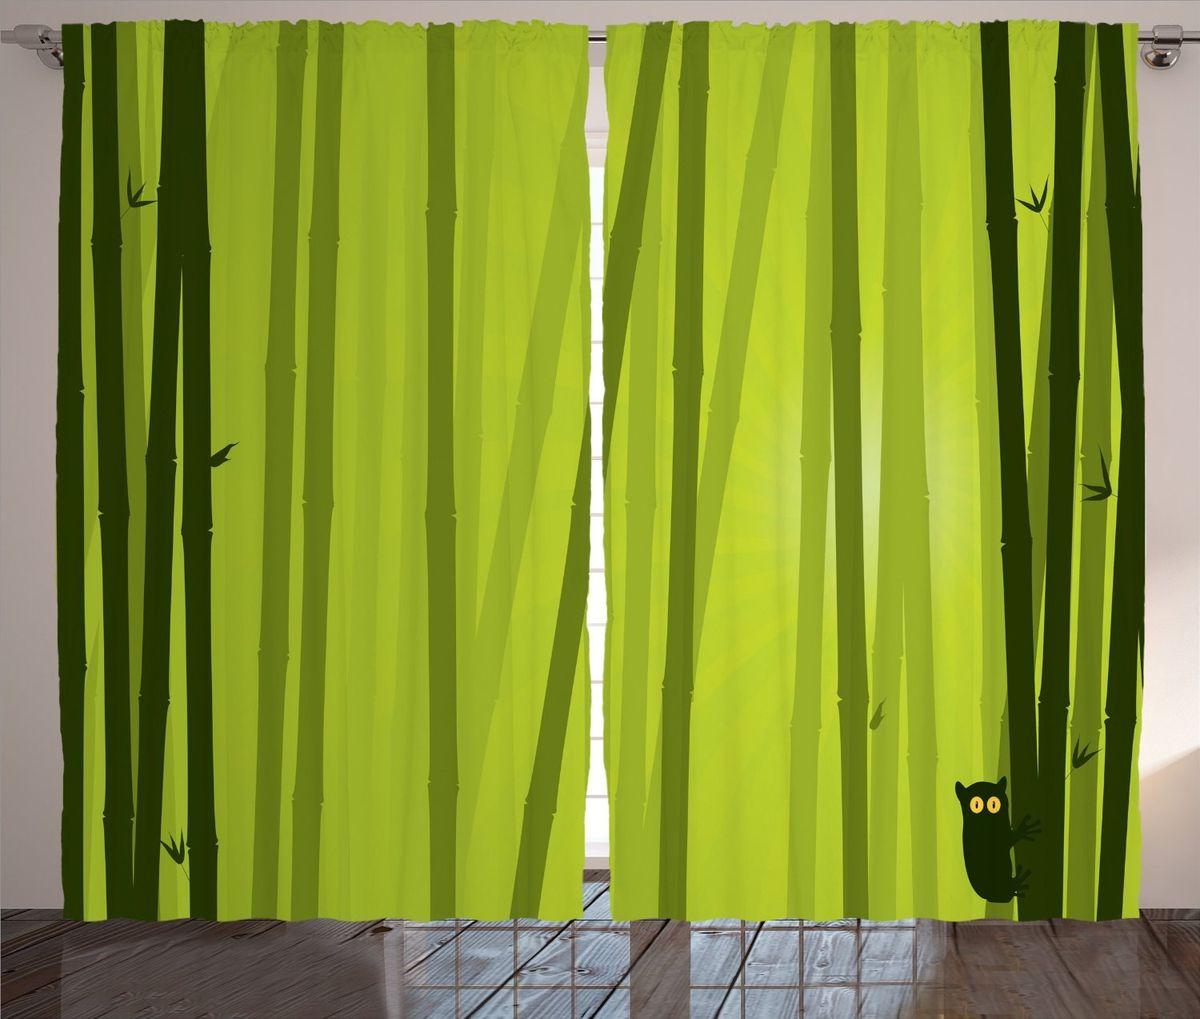 Комплект фотоштор Magic Lady Лемур на стеблях бамбука, на ленте, 290 х 265 смшсг_12185Компания Сэмболь изготавливает шторы из высококачественного сатена (полиэстер 100%). При изготовлении используются специальные гипоаллергенные чернила для прямой печати по ткани, безопасные для человека и животных. Экологичность продукции Magic lady и безопасность для окружающей среды подтверждены сертификатом Oeko-Tex Standard 100. Крепление: крючки для крепления на шторной ленте (50 шт.). Возможно крепление на трубу. Внимание! При нанесении сублимационной печати на ткань технологическим методом при температуре 240 С, возможно отклонение полученных размеров (указанных на этикетке и сайте) от стандартных на + - 3-5 см. Мы стараемся максимально точно передать цвета изделия на наших фотографиях, однако искажения неизбежны и фактический цвет изделия может отличаться от воспринимаемого по фото. Обратите внимание! Шторы изготовлены из полиэстра сатенового переплетения, а не из сатина (хлопок). Размер одного полотна шторы: 145*265 см. В комплекте 2 полотна шторы и 50 крючков.